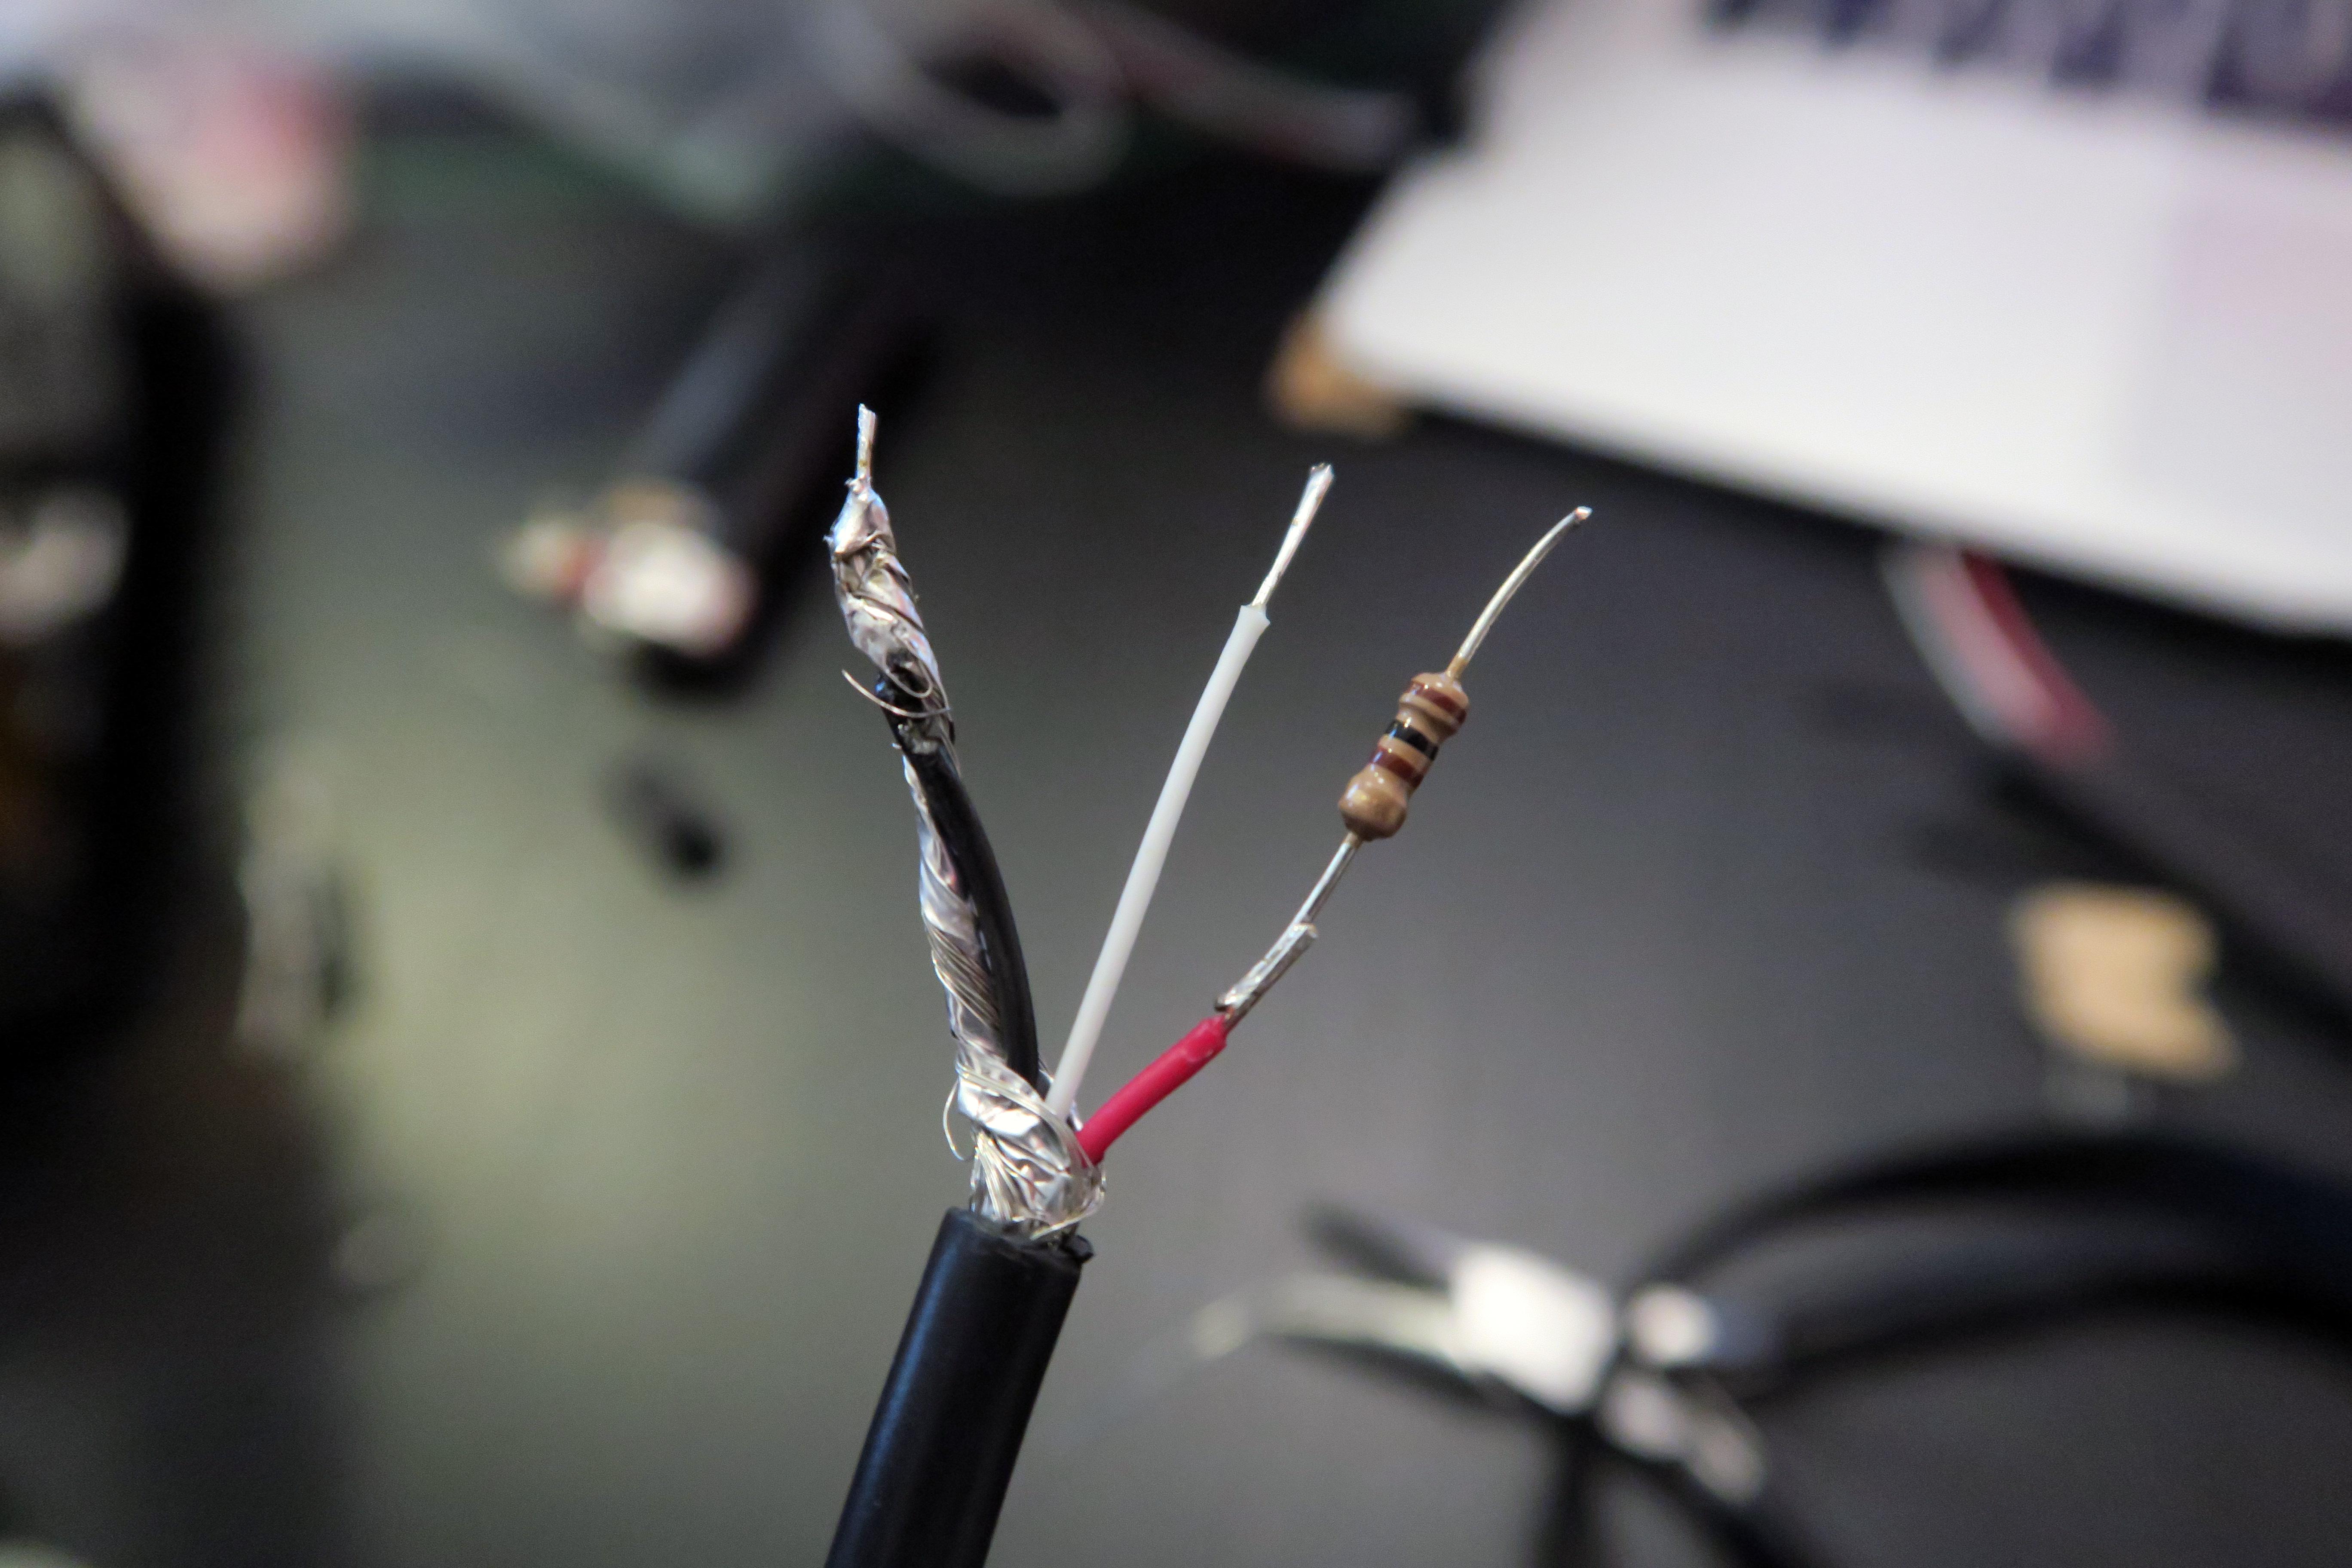 hacks_drone-spray-sonar-wire-tinned.jpg